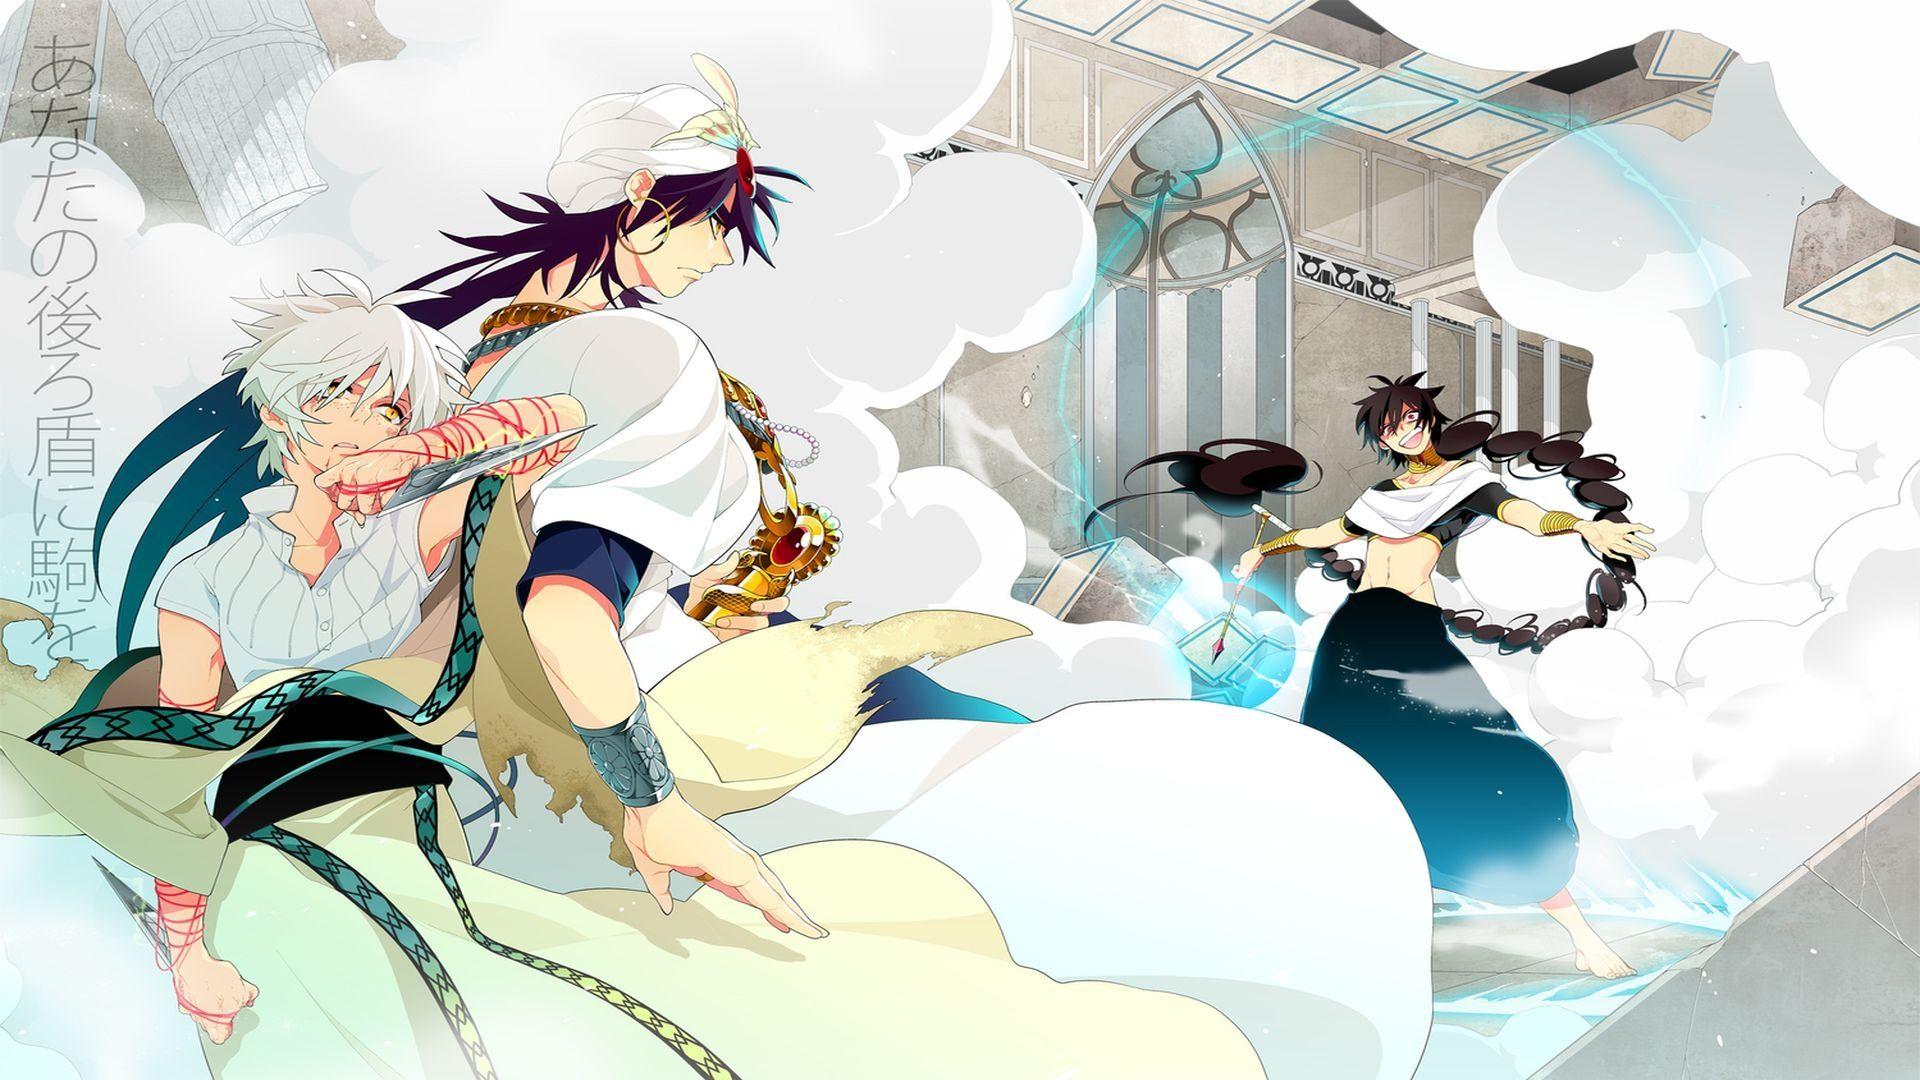 76570magimagi.jpg (1920×1080) Anime magi, Magi kingdom